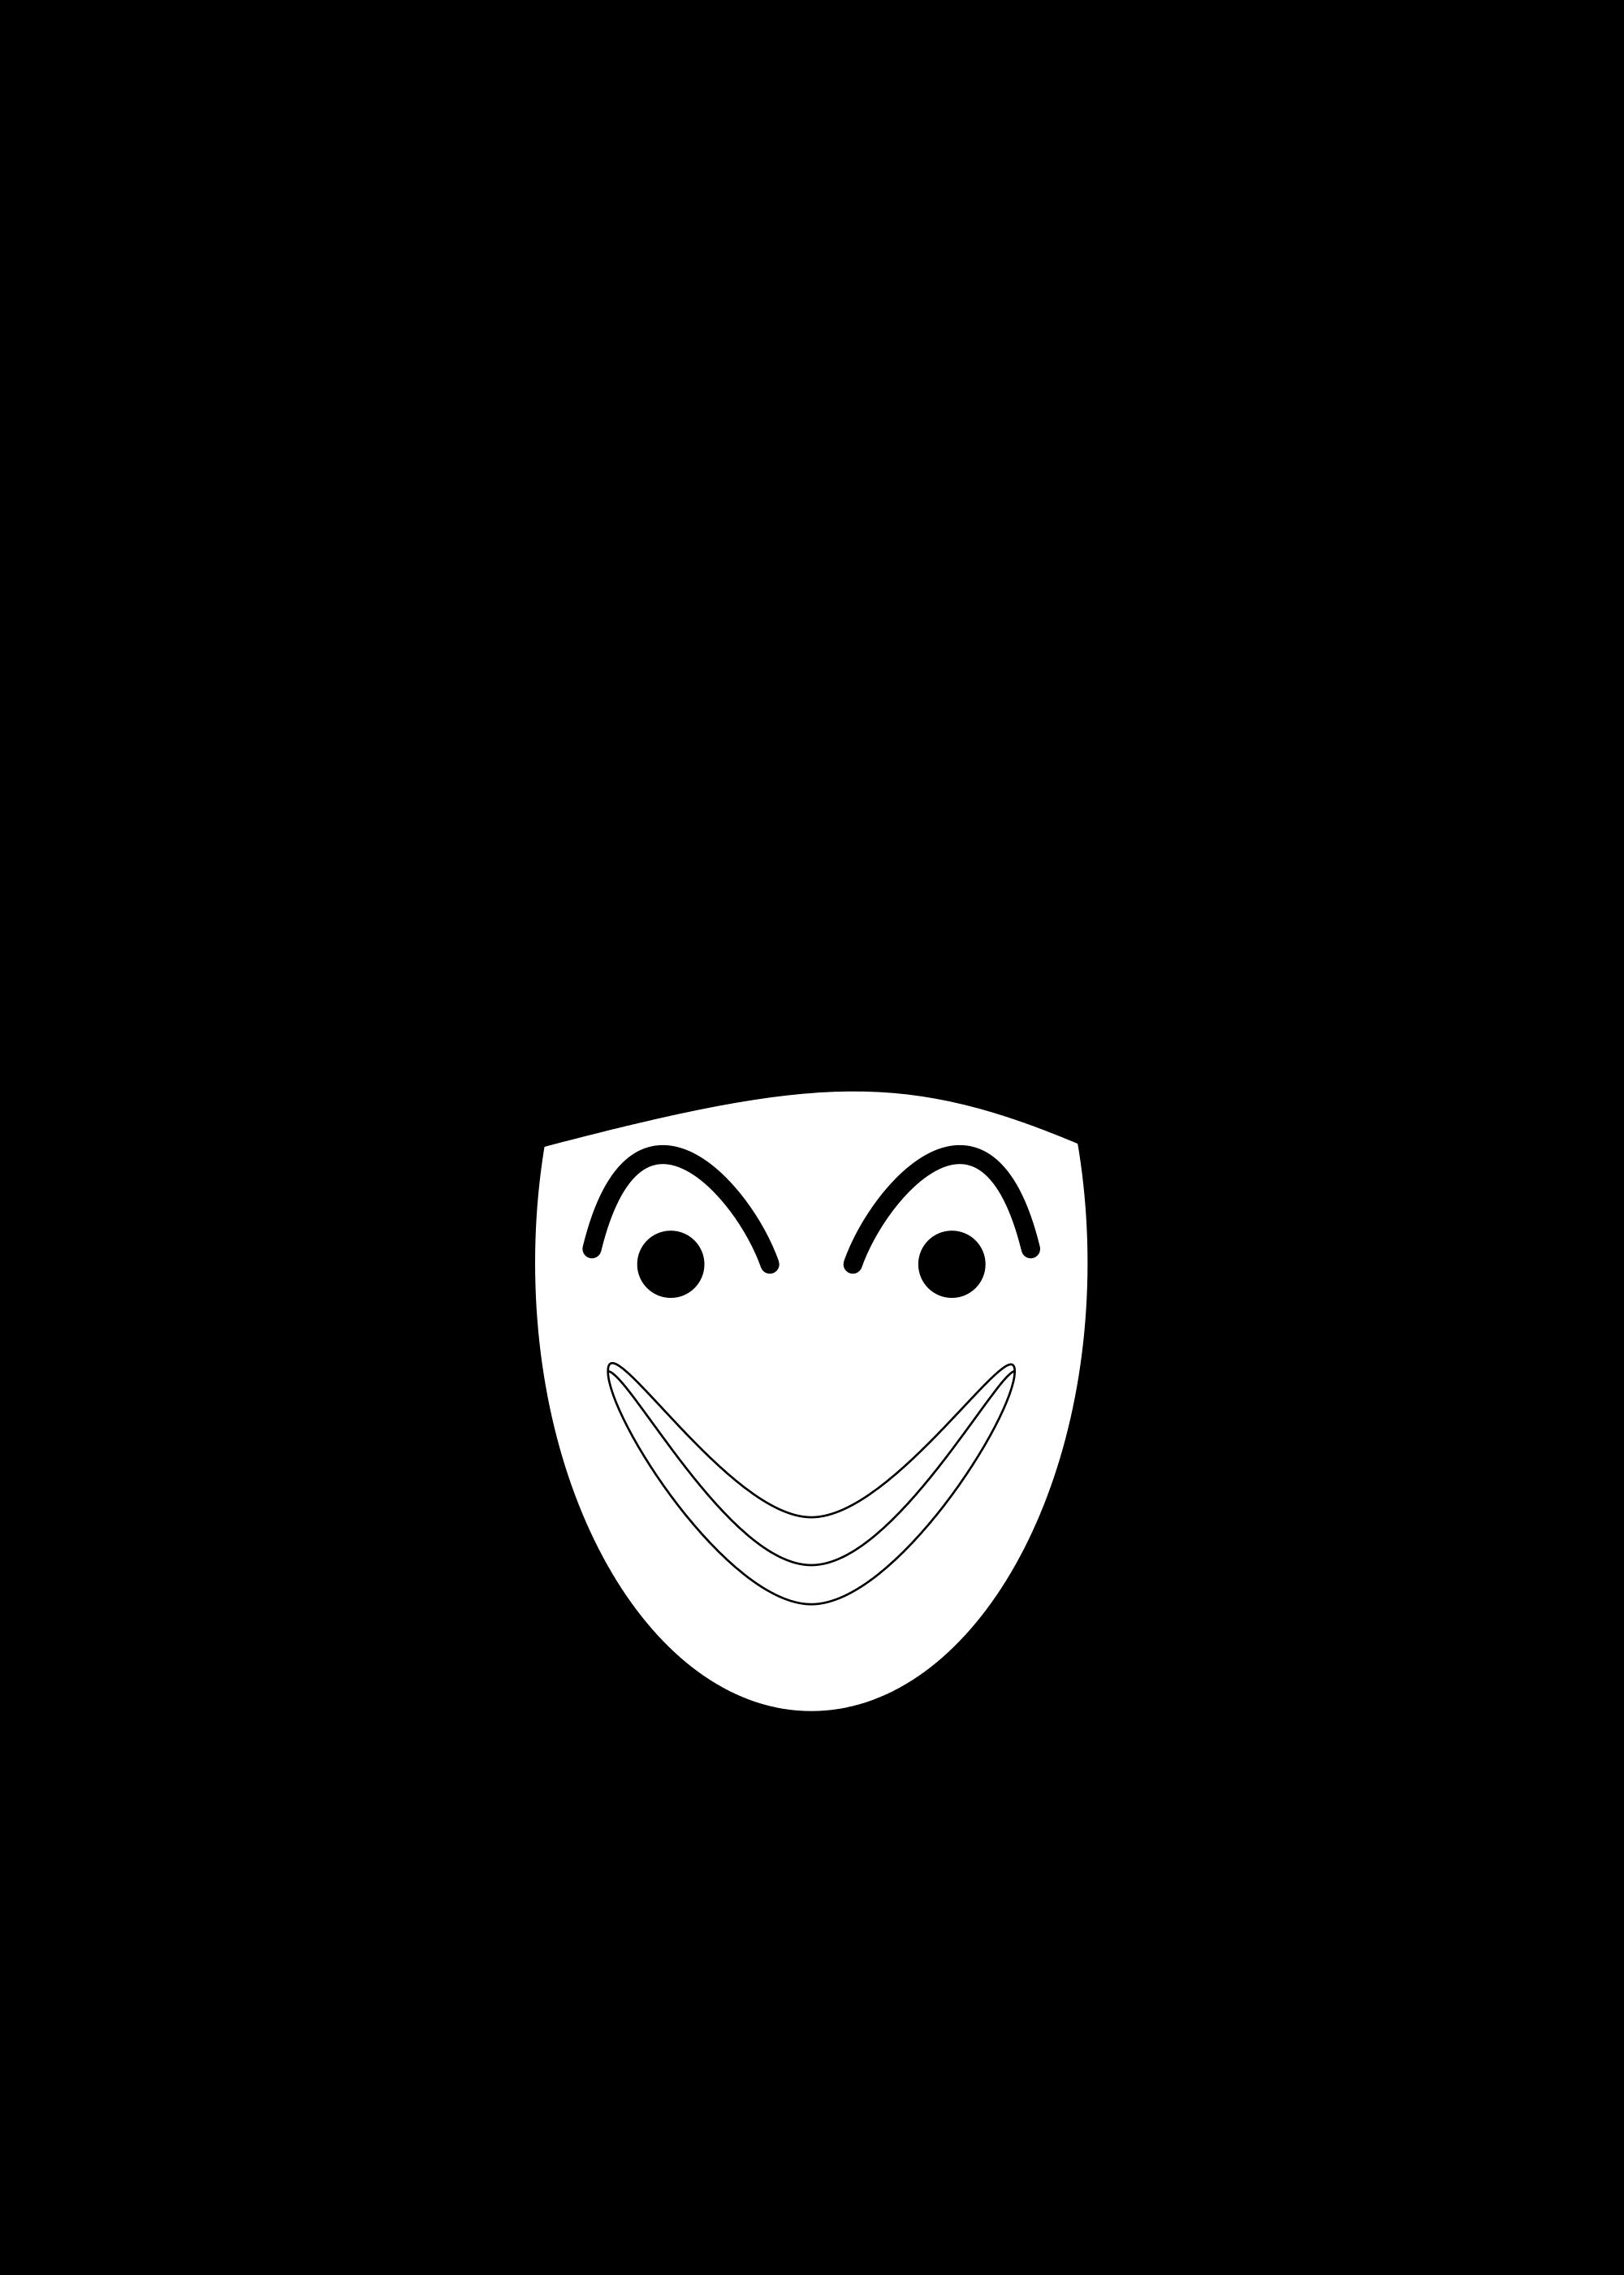 Joker clipart svg. File cards black hy